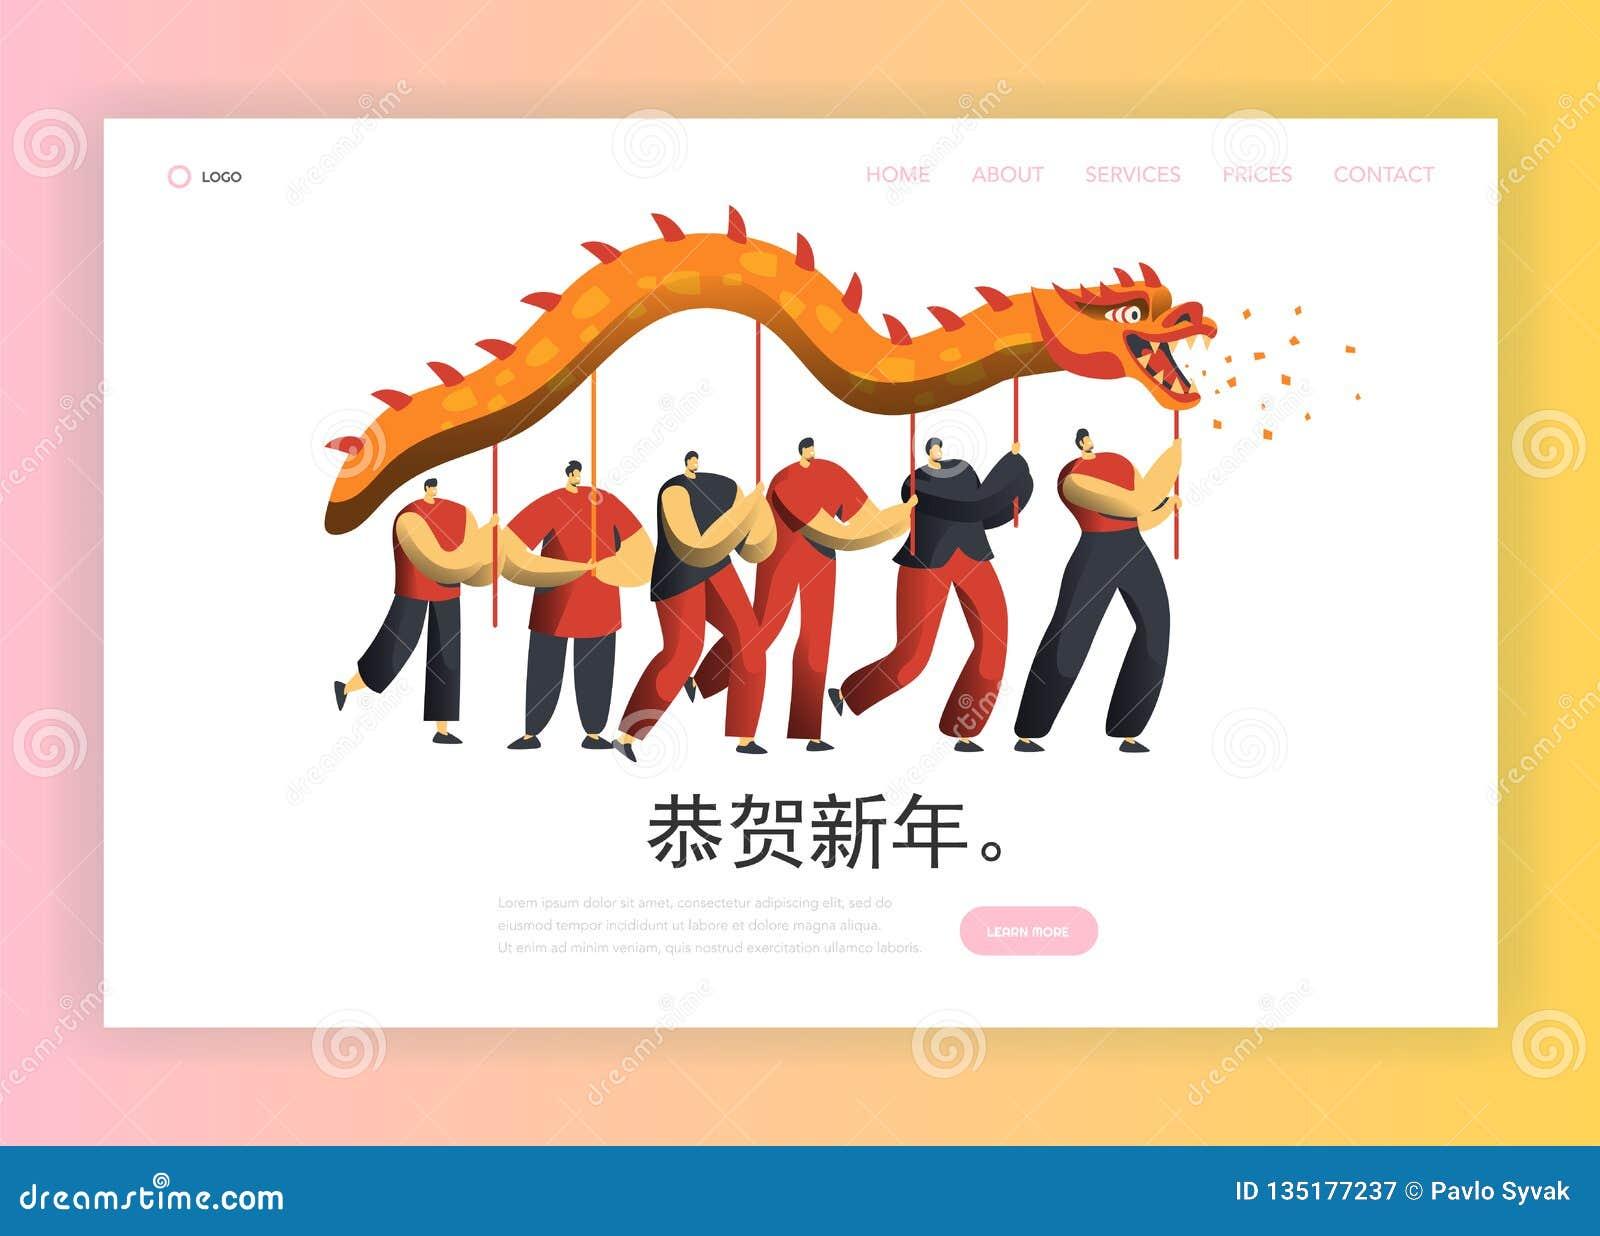 Κινεζική νέα προσγειωμένος σελίδα χορού δράκων έτους Σεληνιακός χαρακτήρας ανθρώπων διακοπών της Ασίας στο εορταστικό έμβλημα καλ